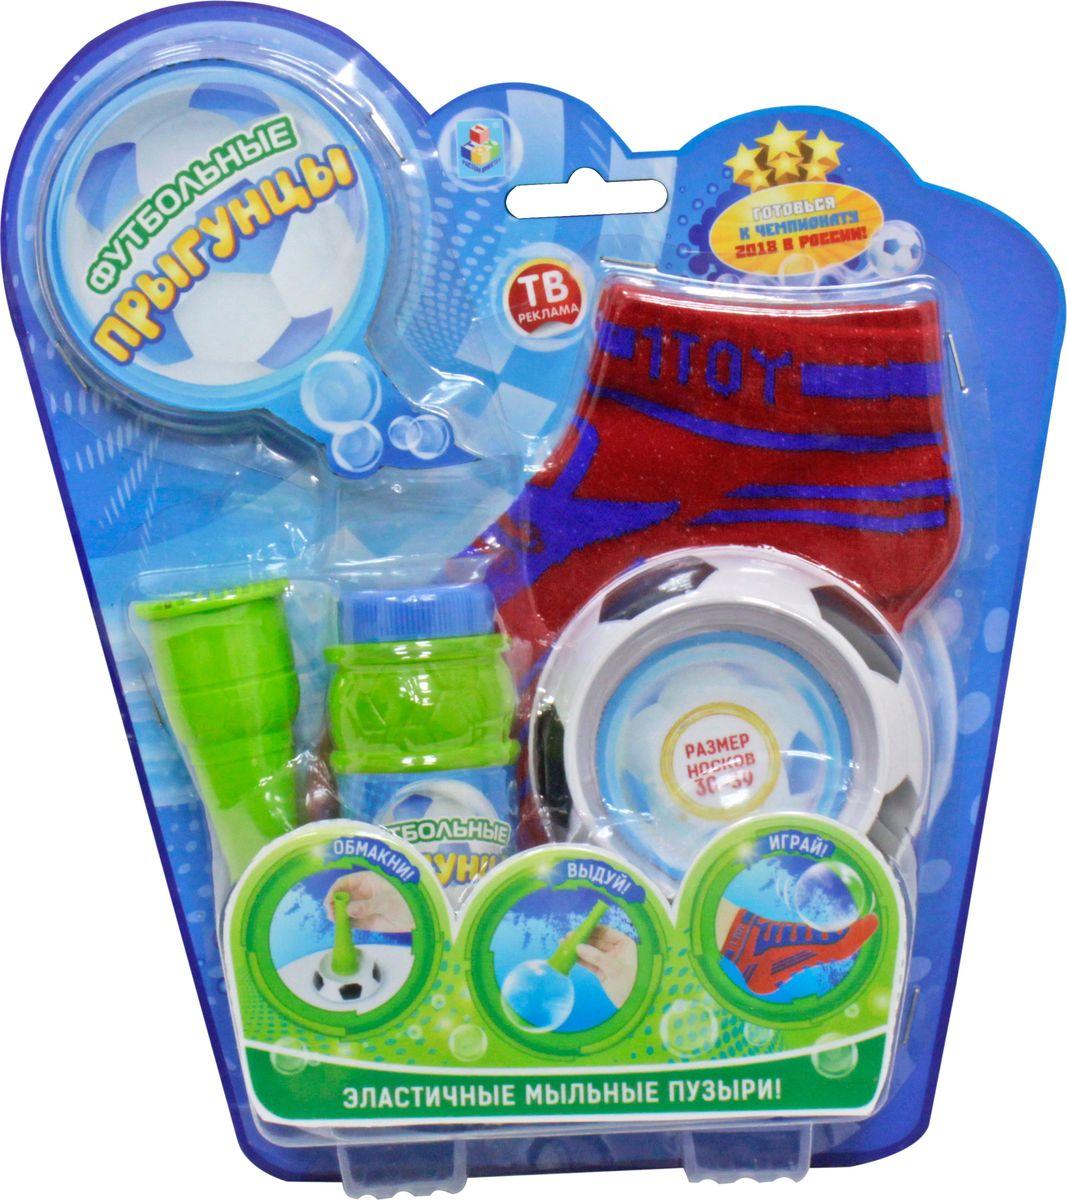 1TOY Мыльные пузыри Футбольные Прыгунцы 80 мл Т59276Т59342Футбольные мыльные Прыгунцы - эластичные пузыри, с которыми весело играть и чеканить ногой как настоящим футбольным мячом! Благодаря волшебной мыльной жидкости и носкам мыльные пузыри не лопаются от прикосновения. Играть Мыльными Прыгунцами можно как дома, так и на улице в безветренную погоду!